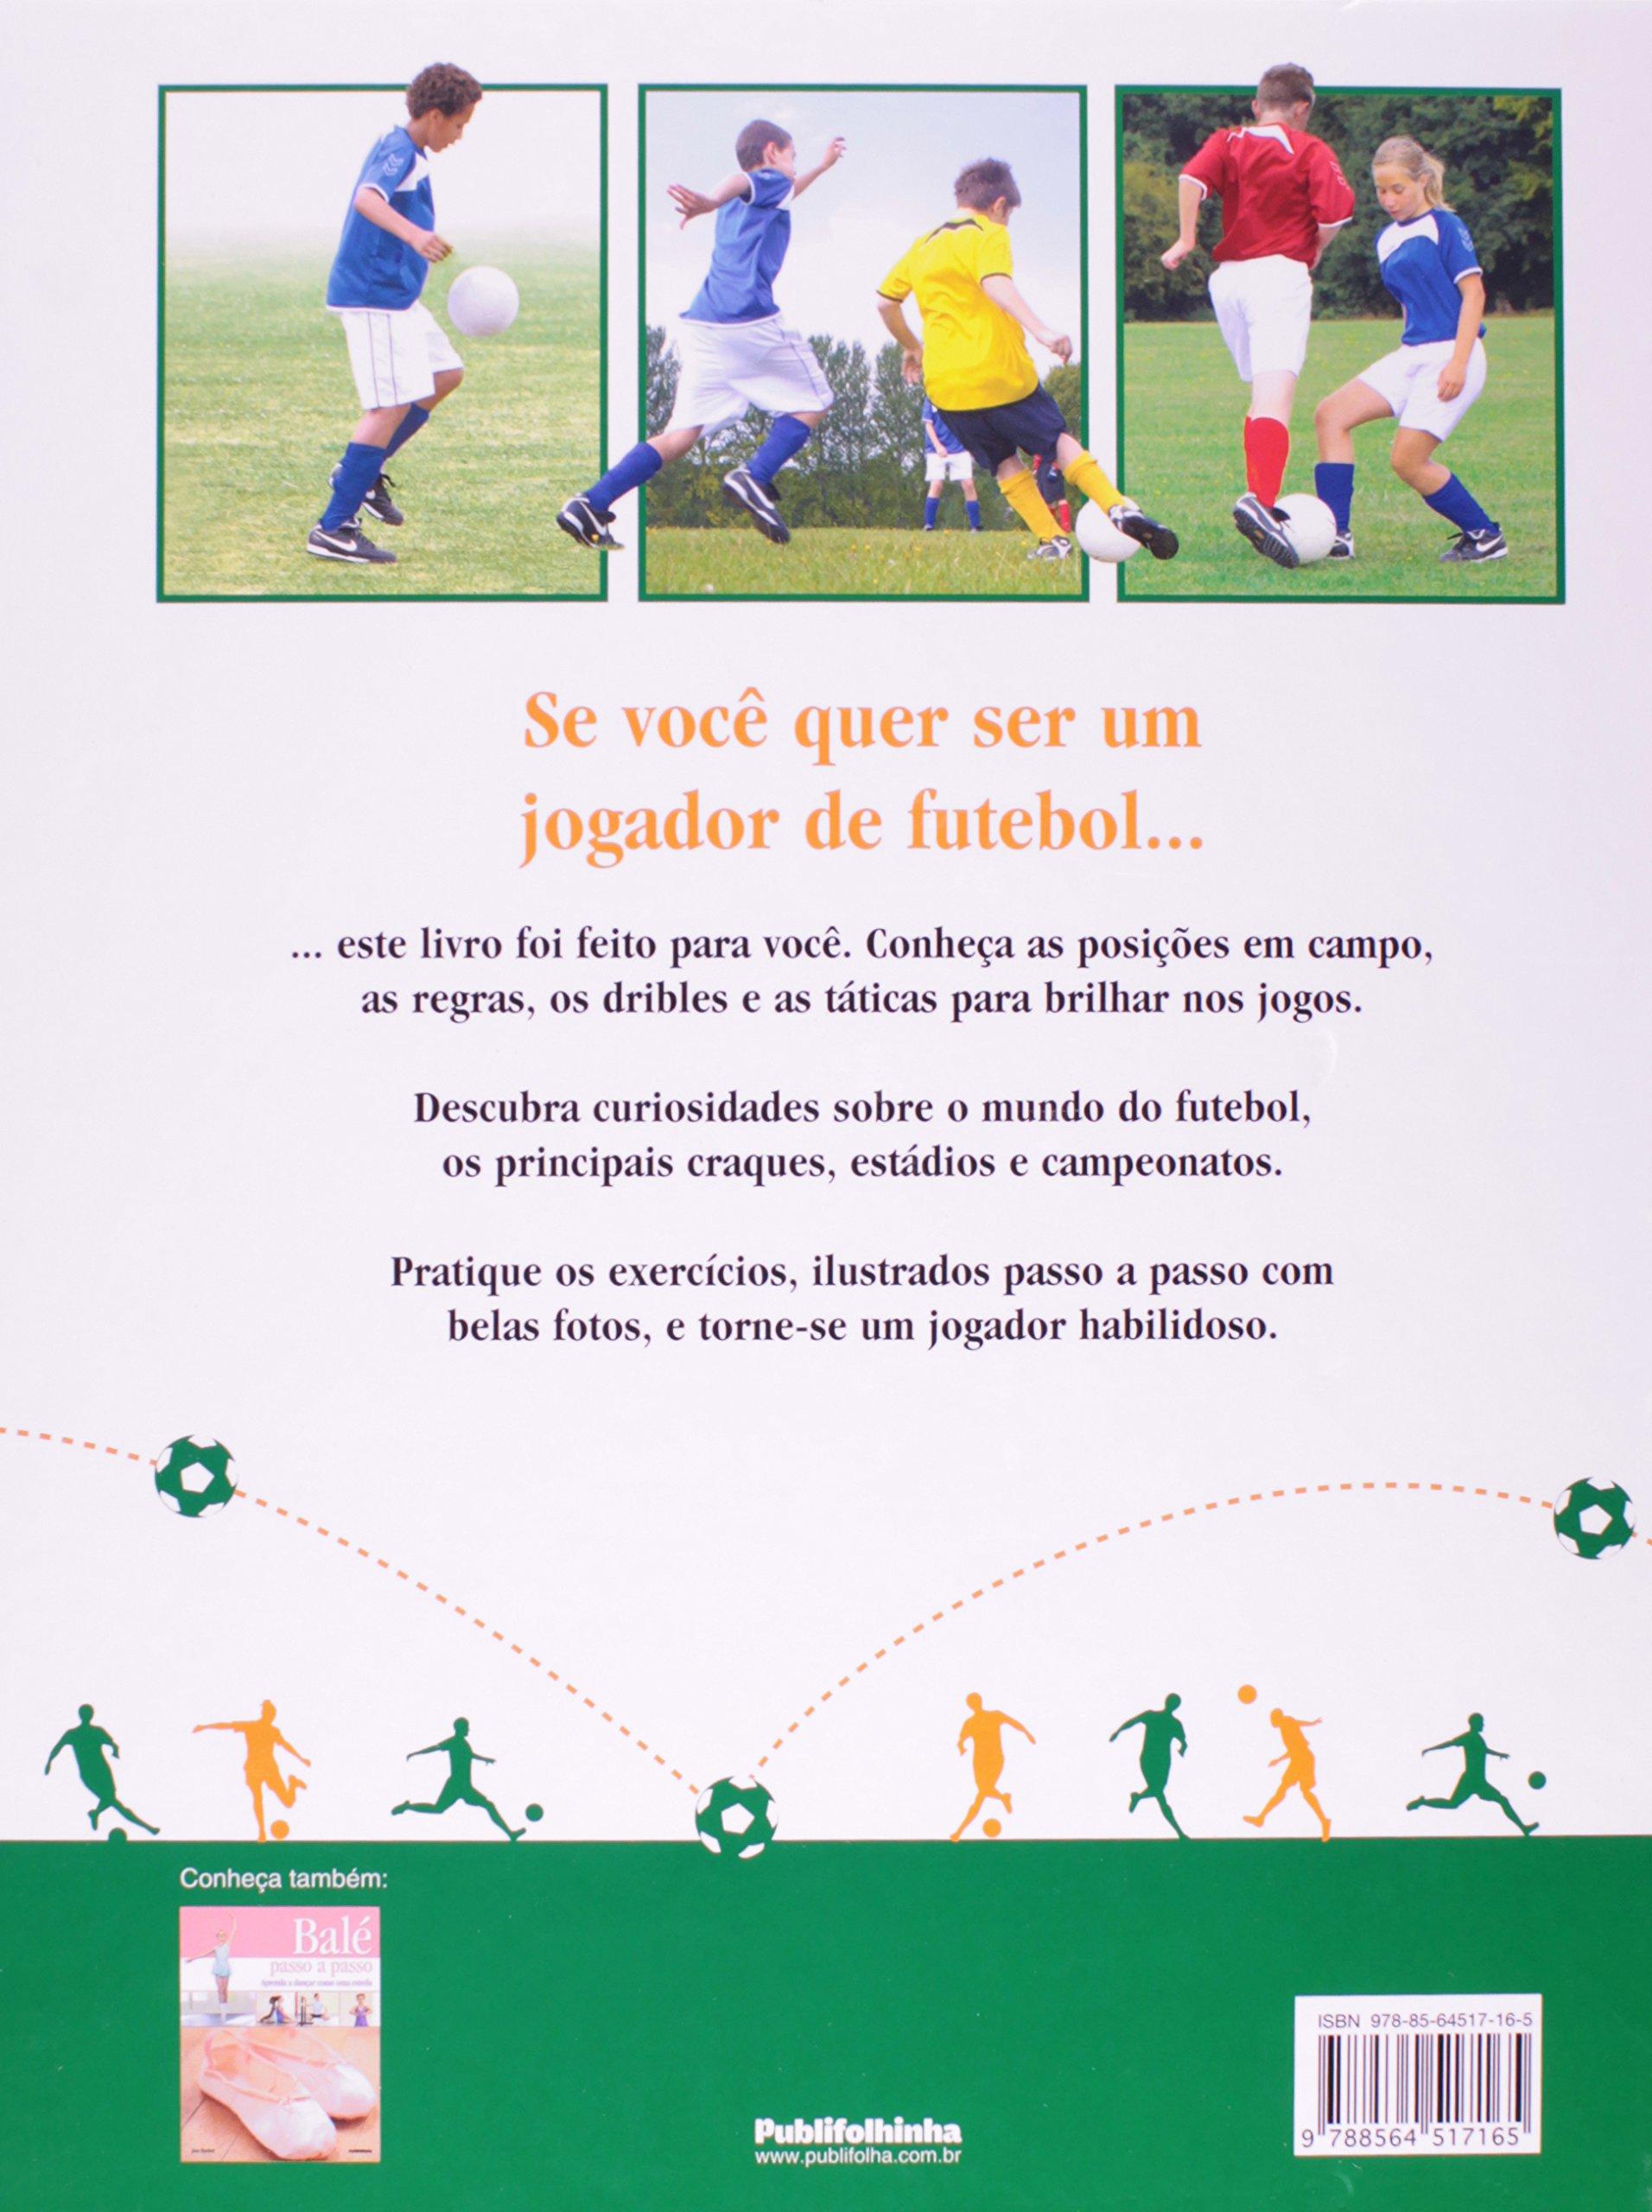 Futebol Passo a Passo (Em Portuguese do Brasil)  9788564517165  Amazon.com   Books 2b703b050fcb0